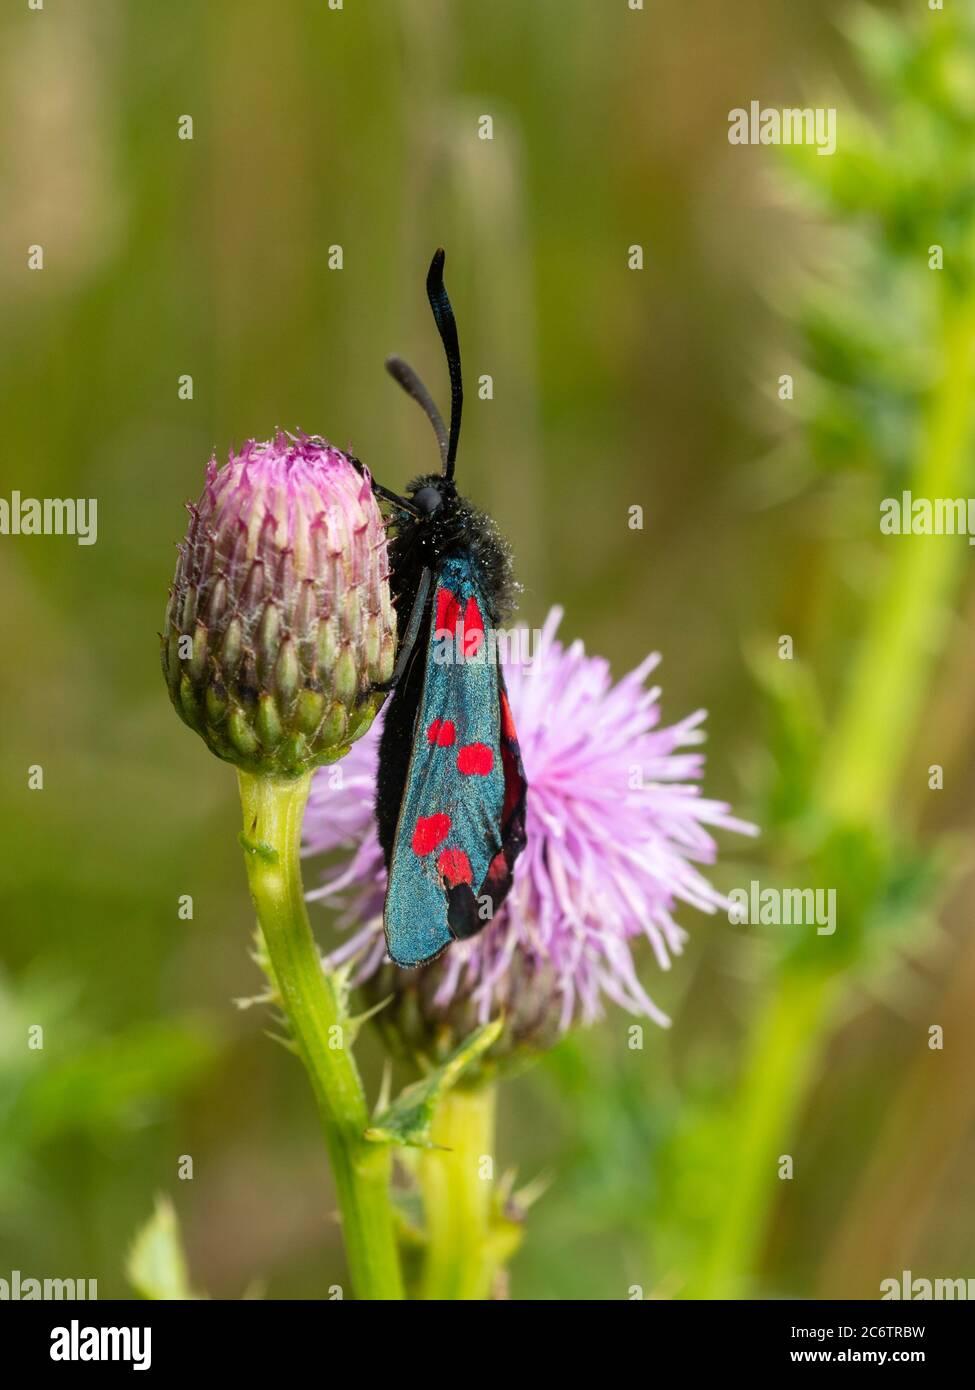 Zygaena filipendulae, papillon de six taches de couleur vive, reposant sur Cirsium arvense dans les prairies du Royaume-Uni Banque D'Images